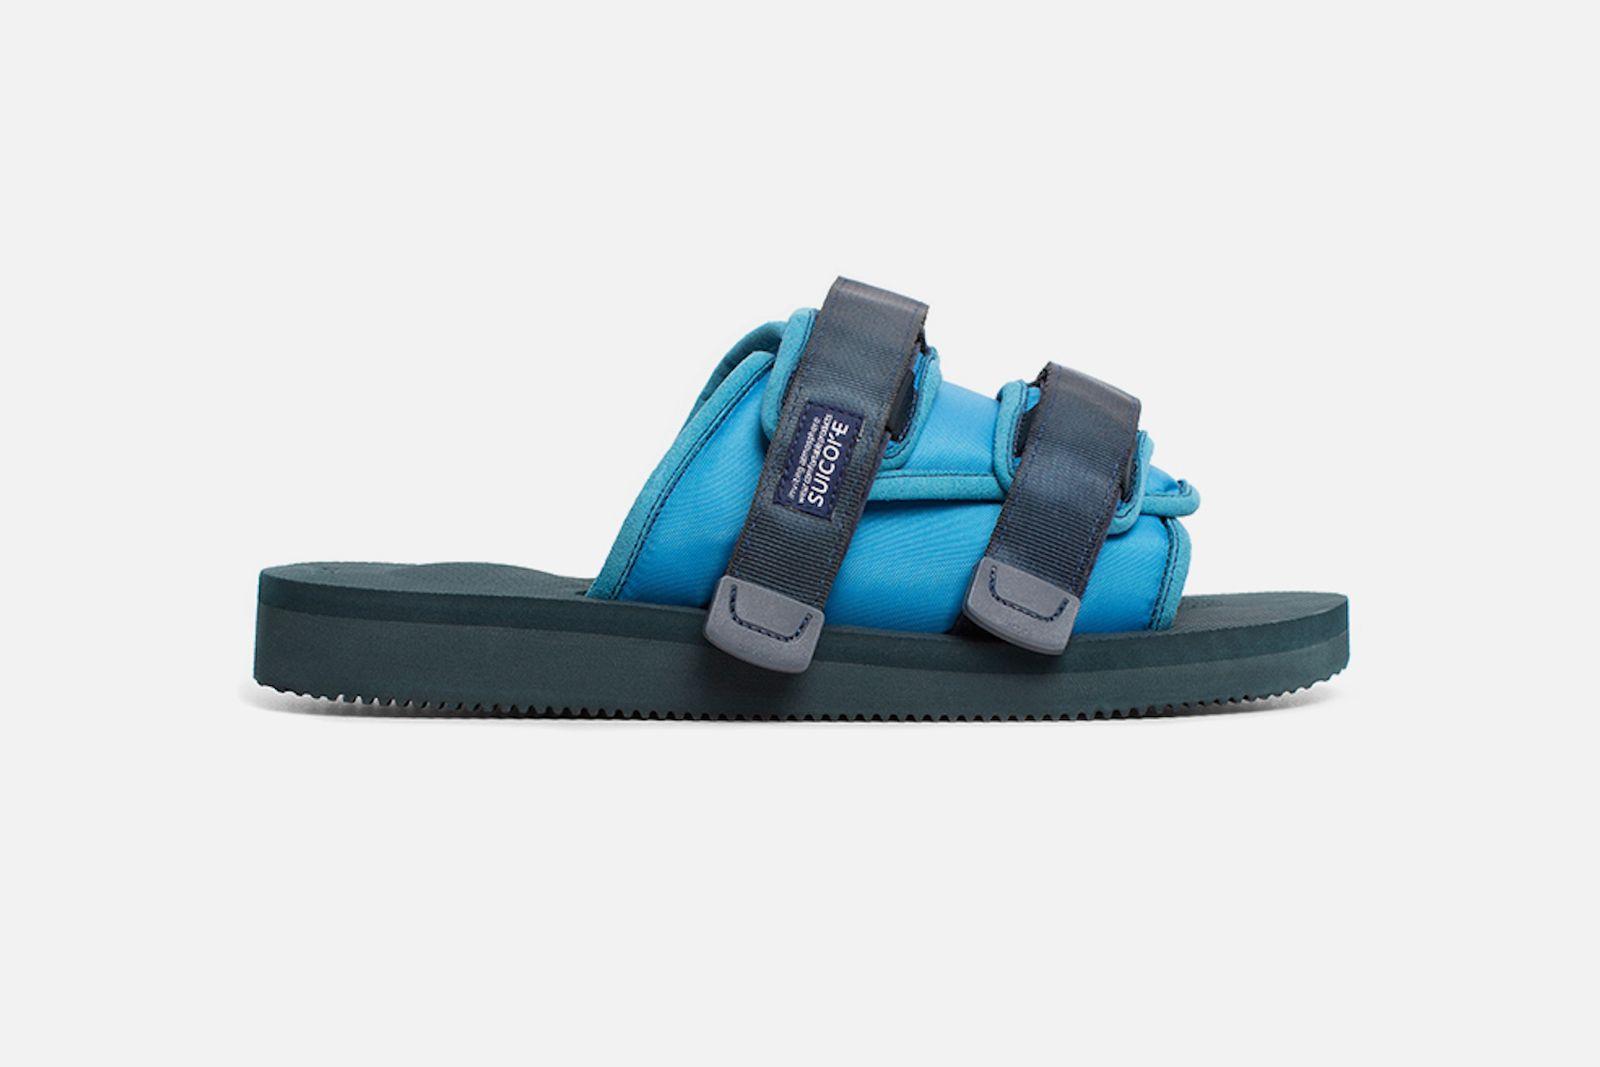 john elliott suicoke moto sandal release date price info